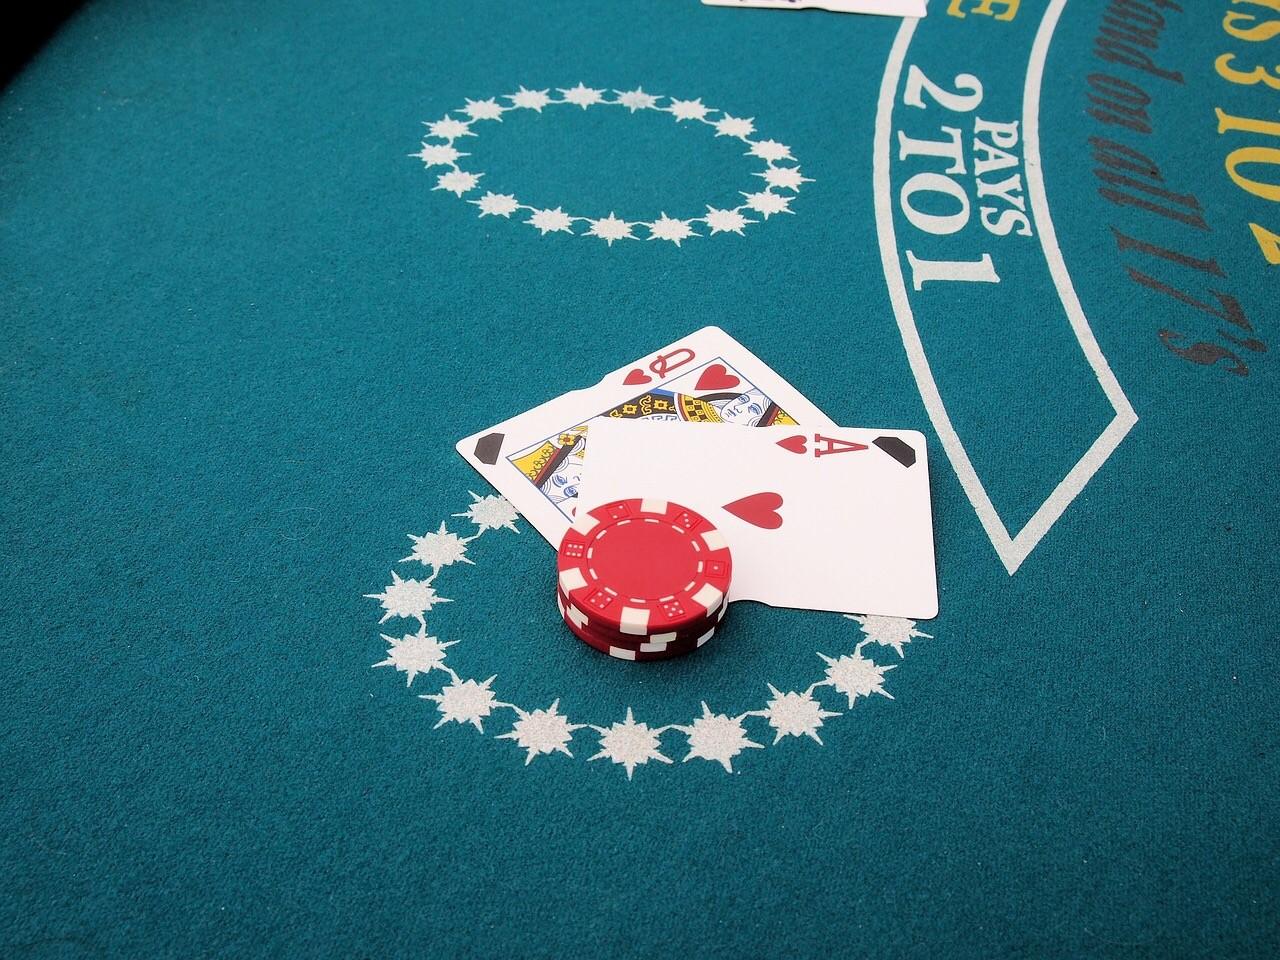 Beware The Casino Scam